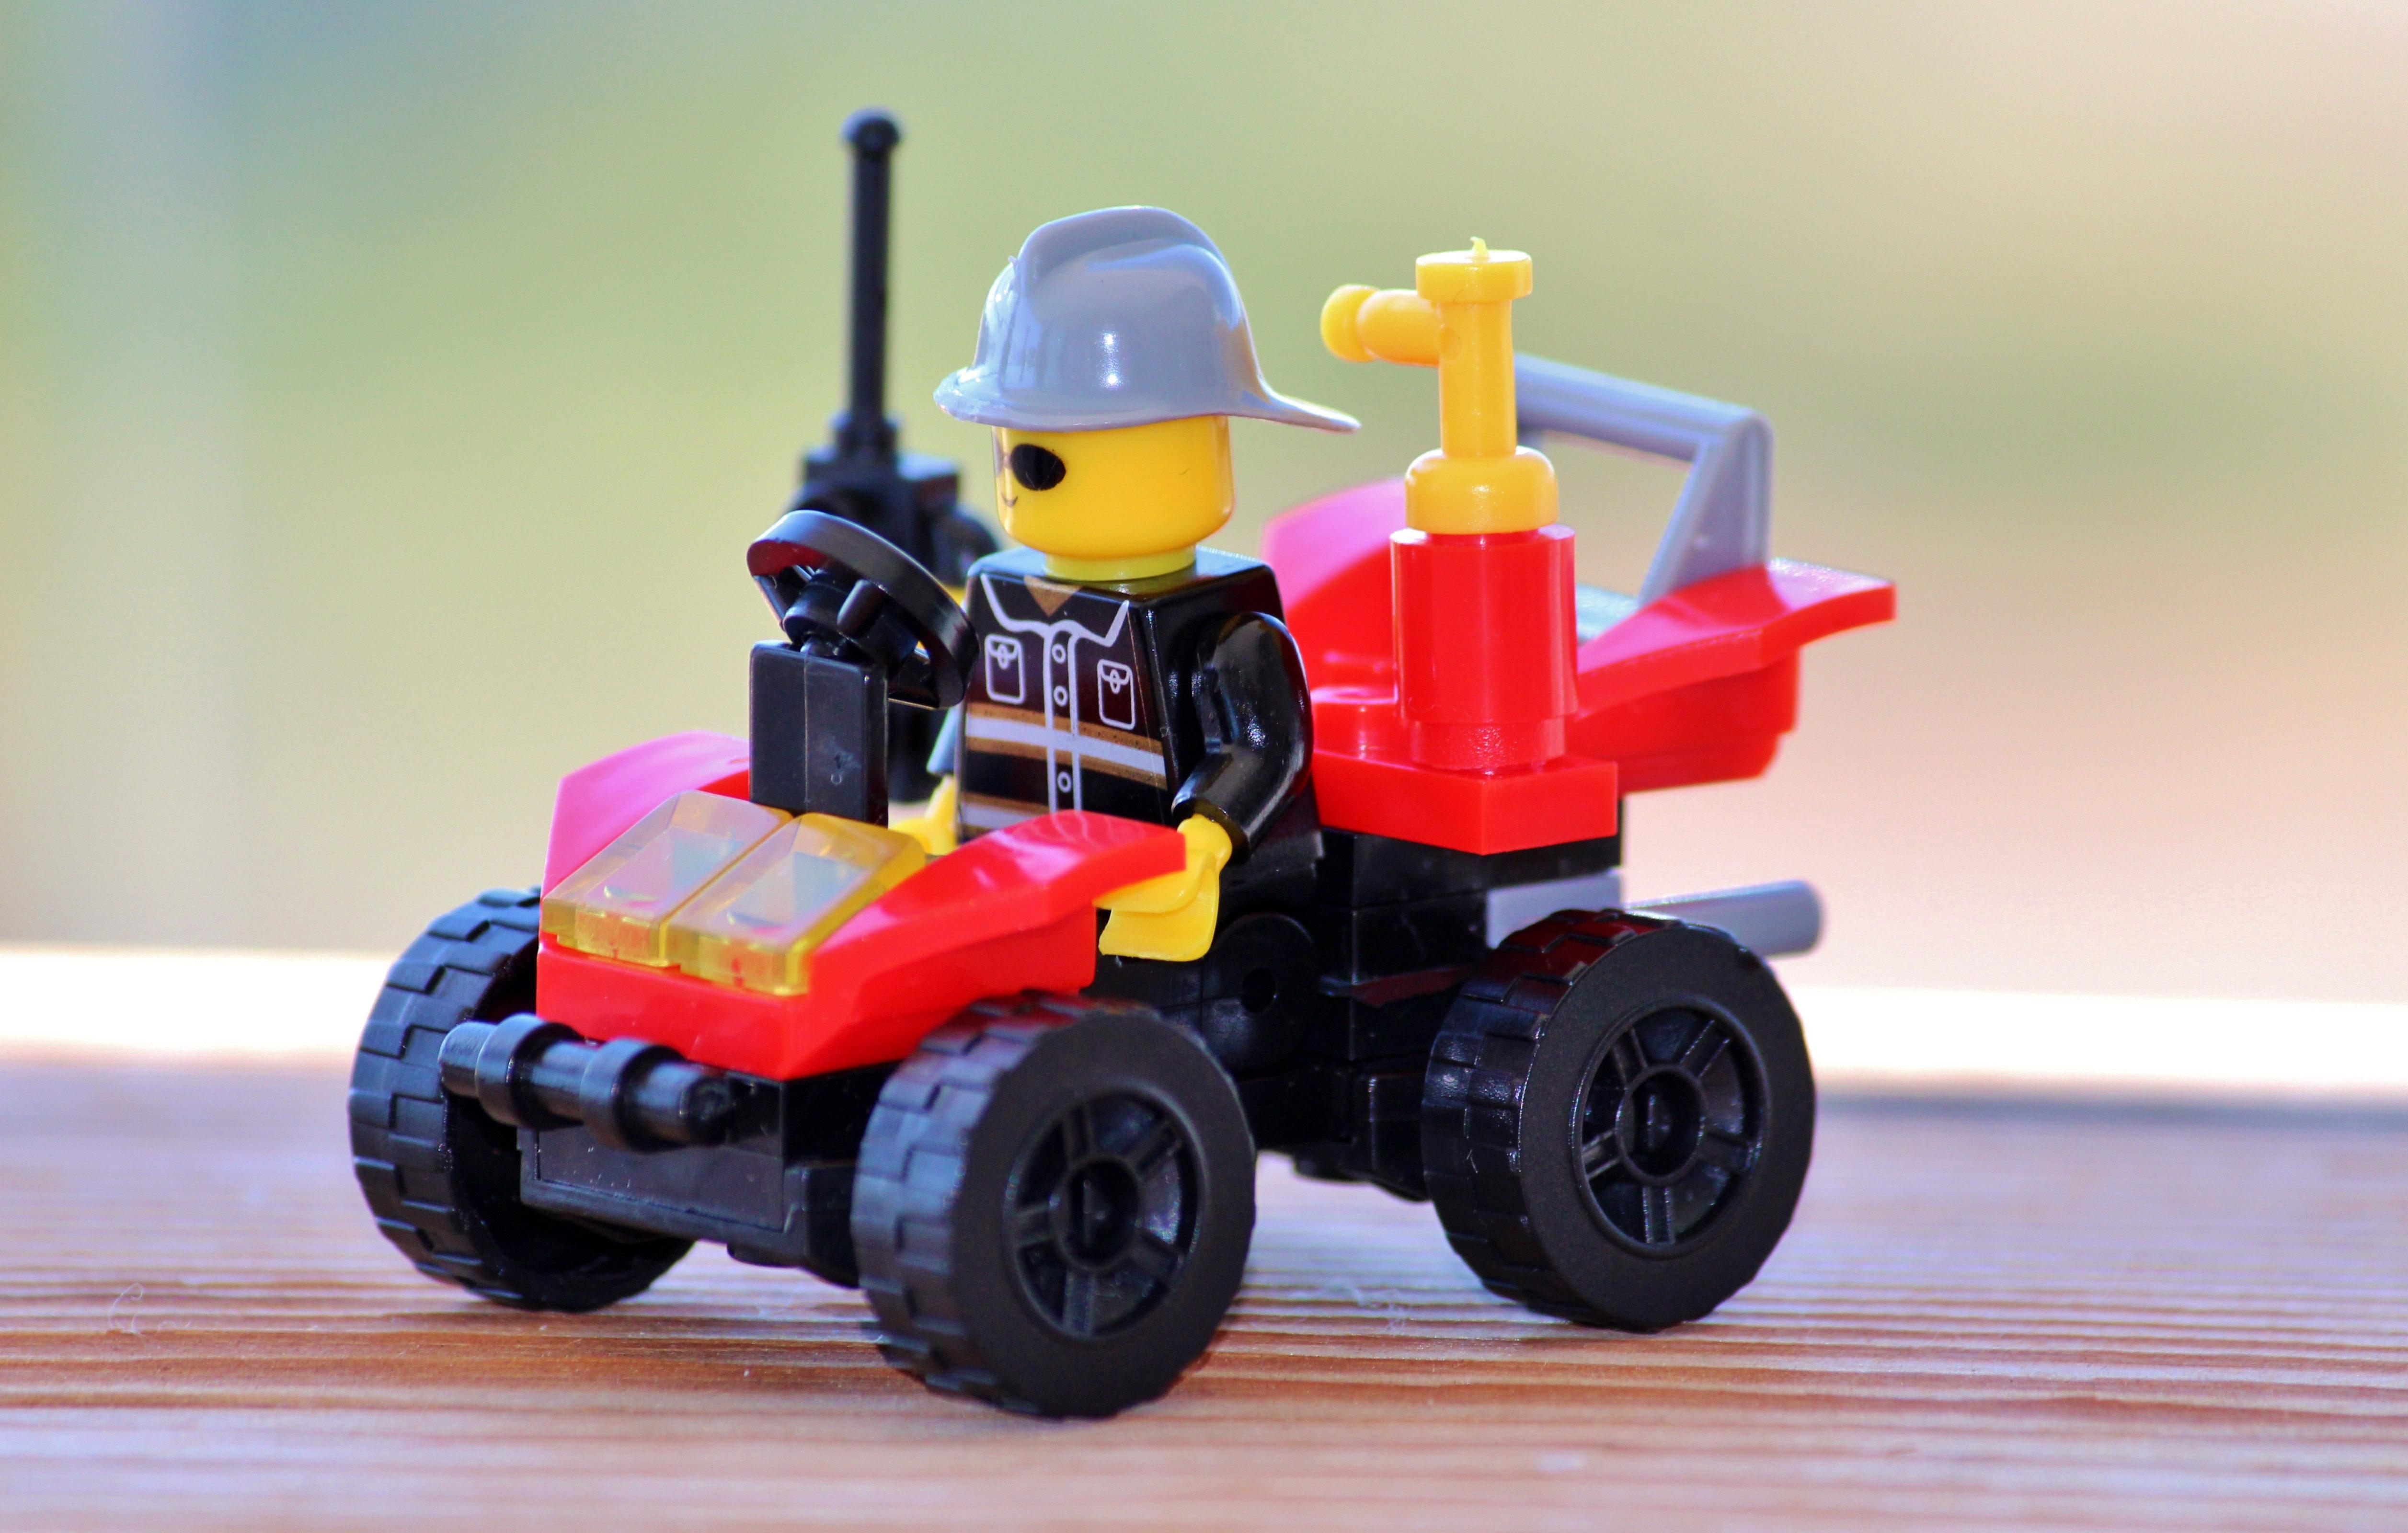 Lego Man in lego Car image - Free stock photo - Public ...